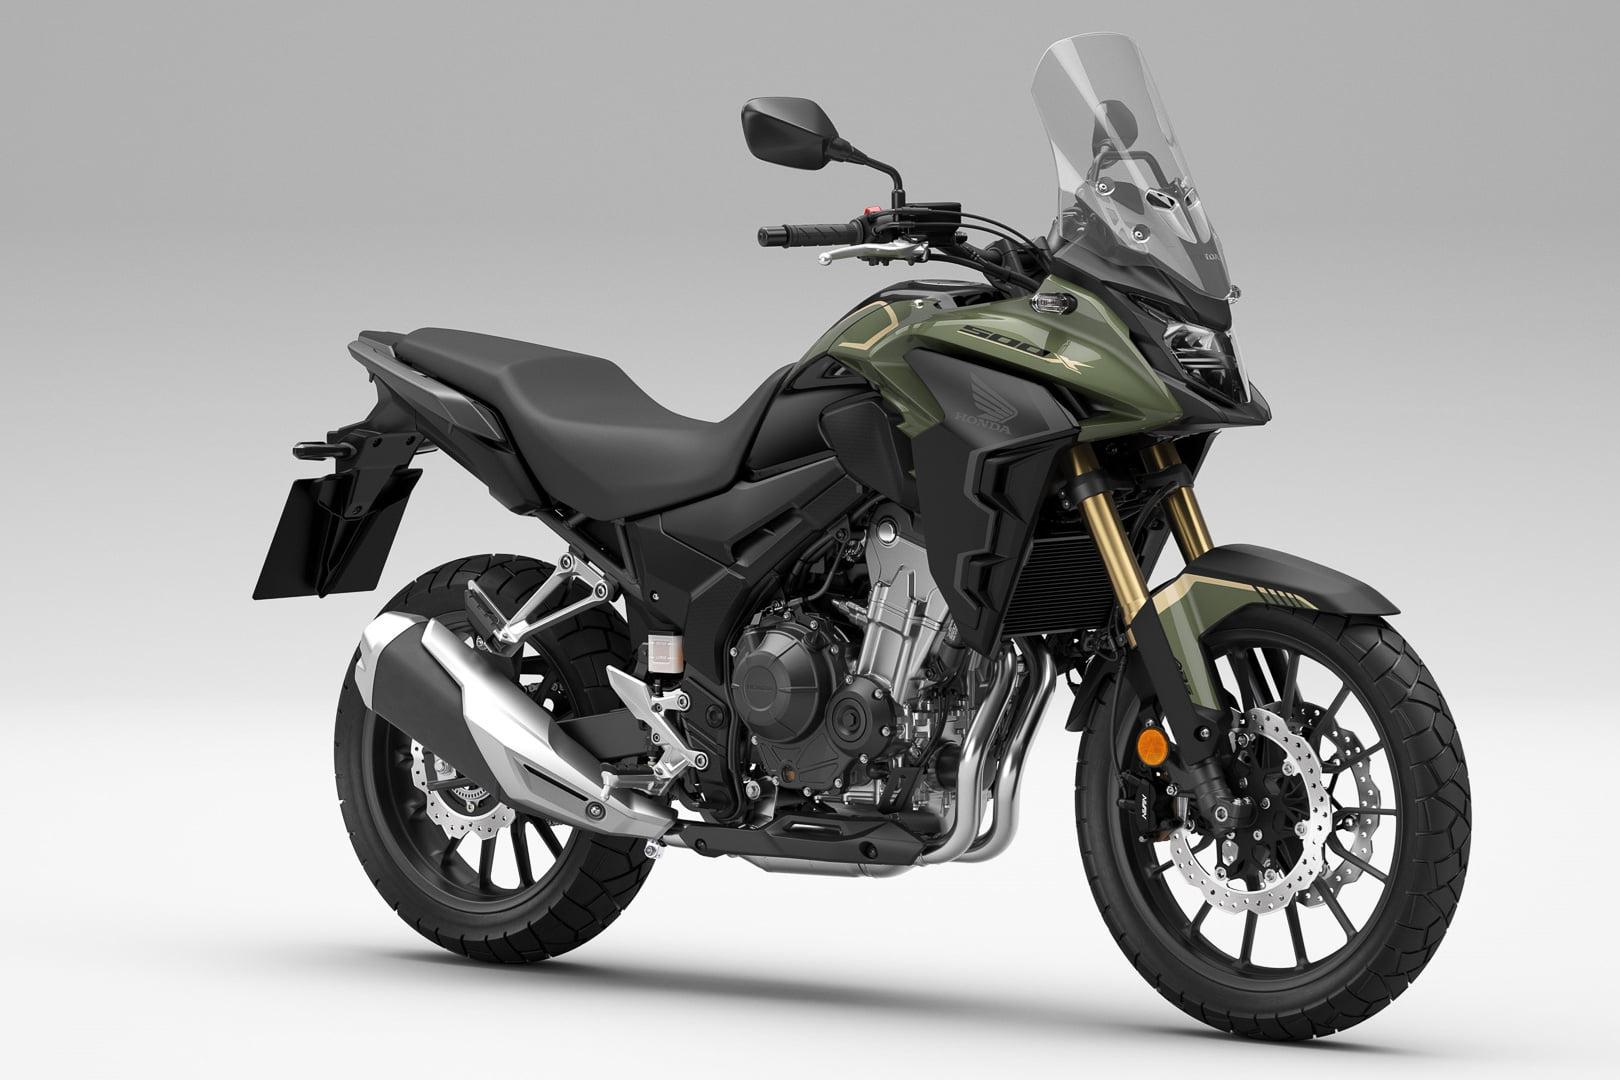 Bộ 3 xe mô tô phân khối lớn 500cc của Honda thêm loạt nâng cấp Honda CB500X 2022 (2).jpg